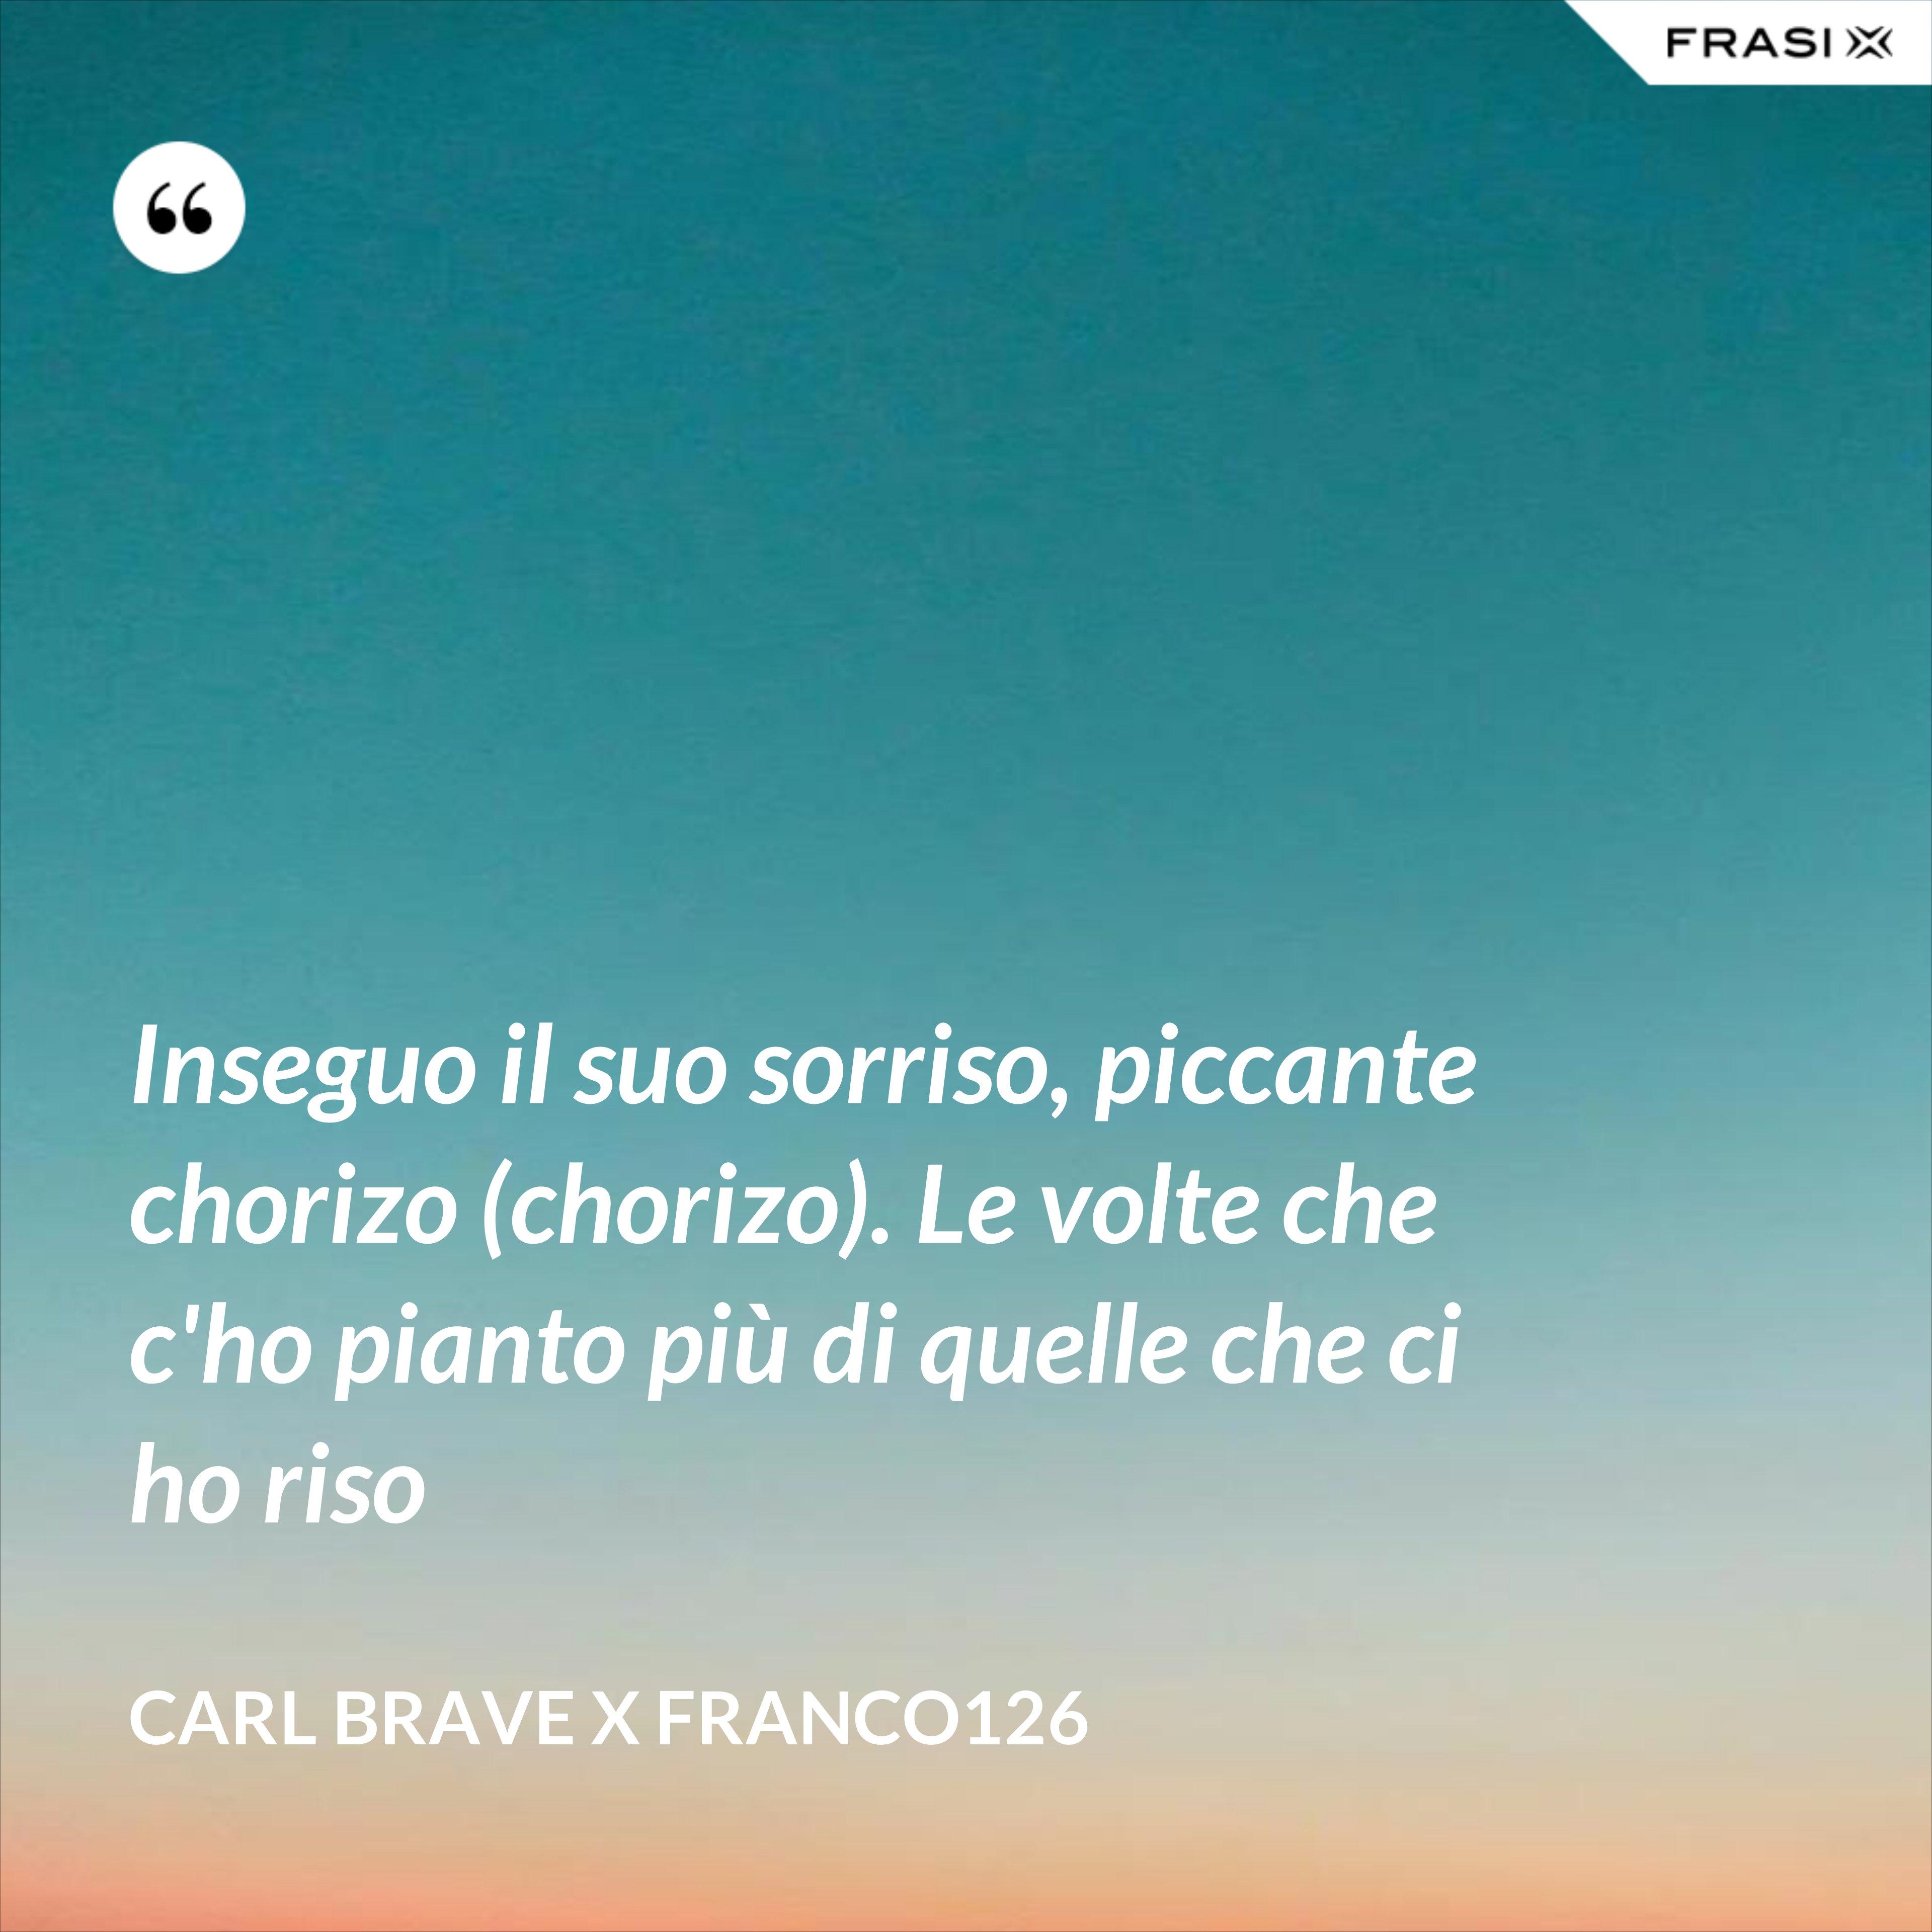 Inseguo il suo sorriso, piccante chorizo (chorizo). Le volte che c'ho pianto più di quelle che ci ho riso - Carl Brave X Franco126